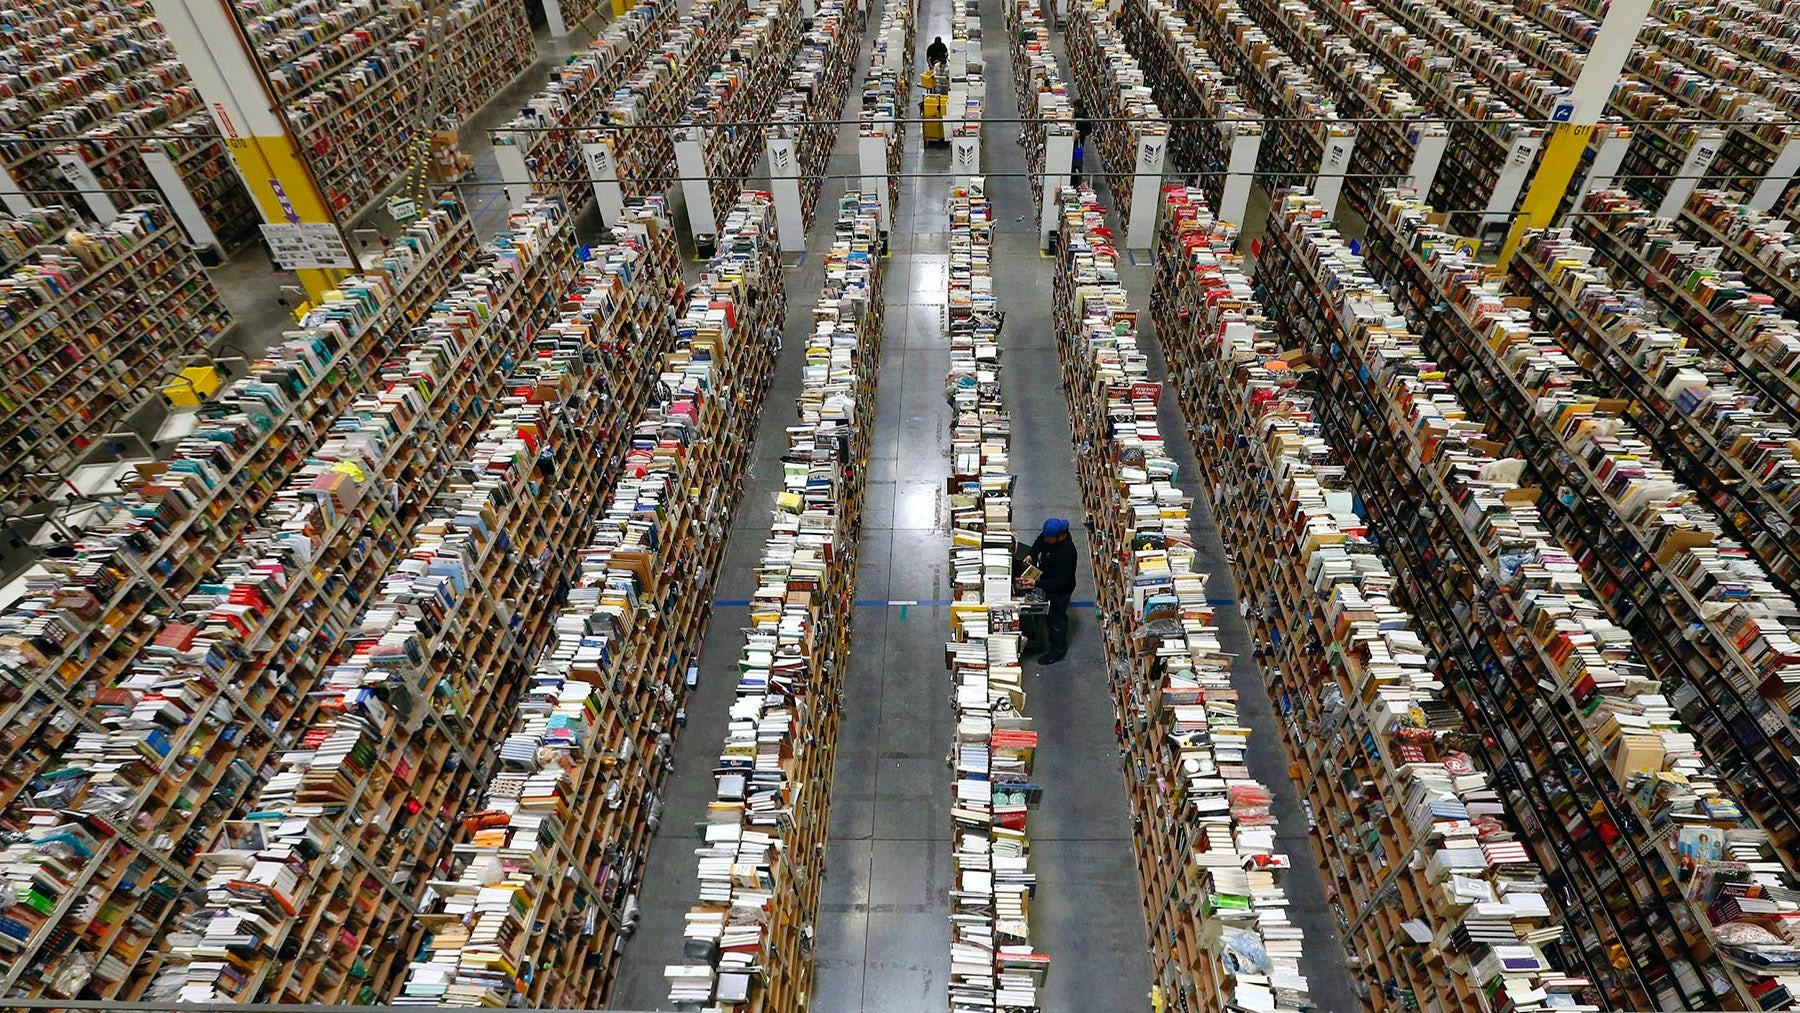 Amazon fulfilment centre | Source: Amazon